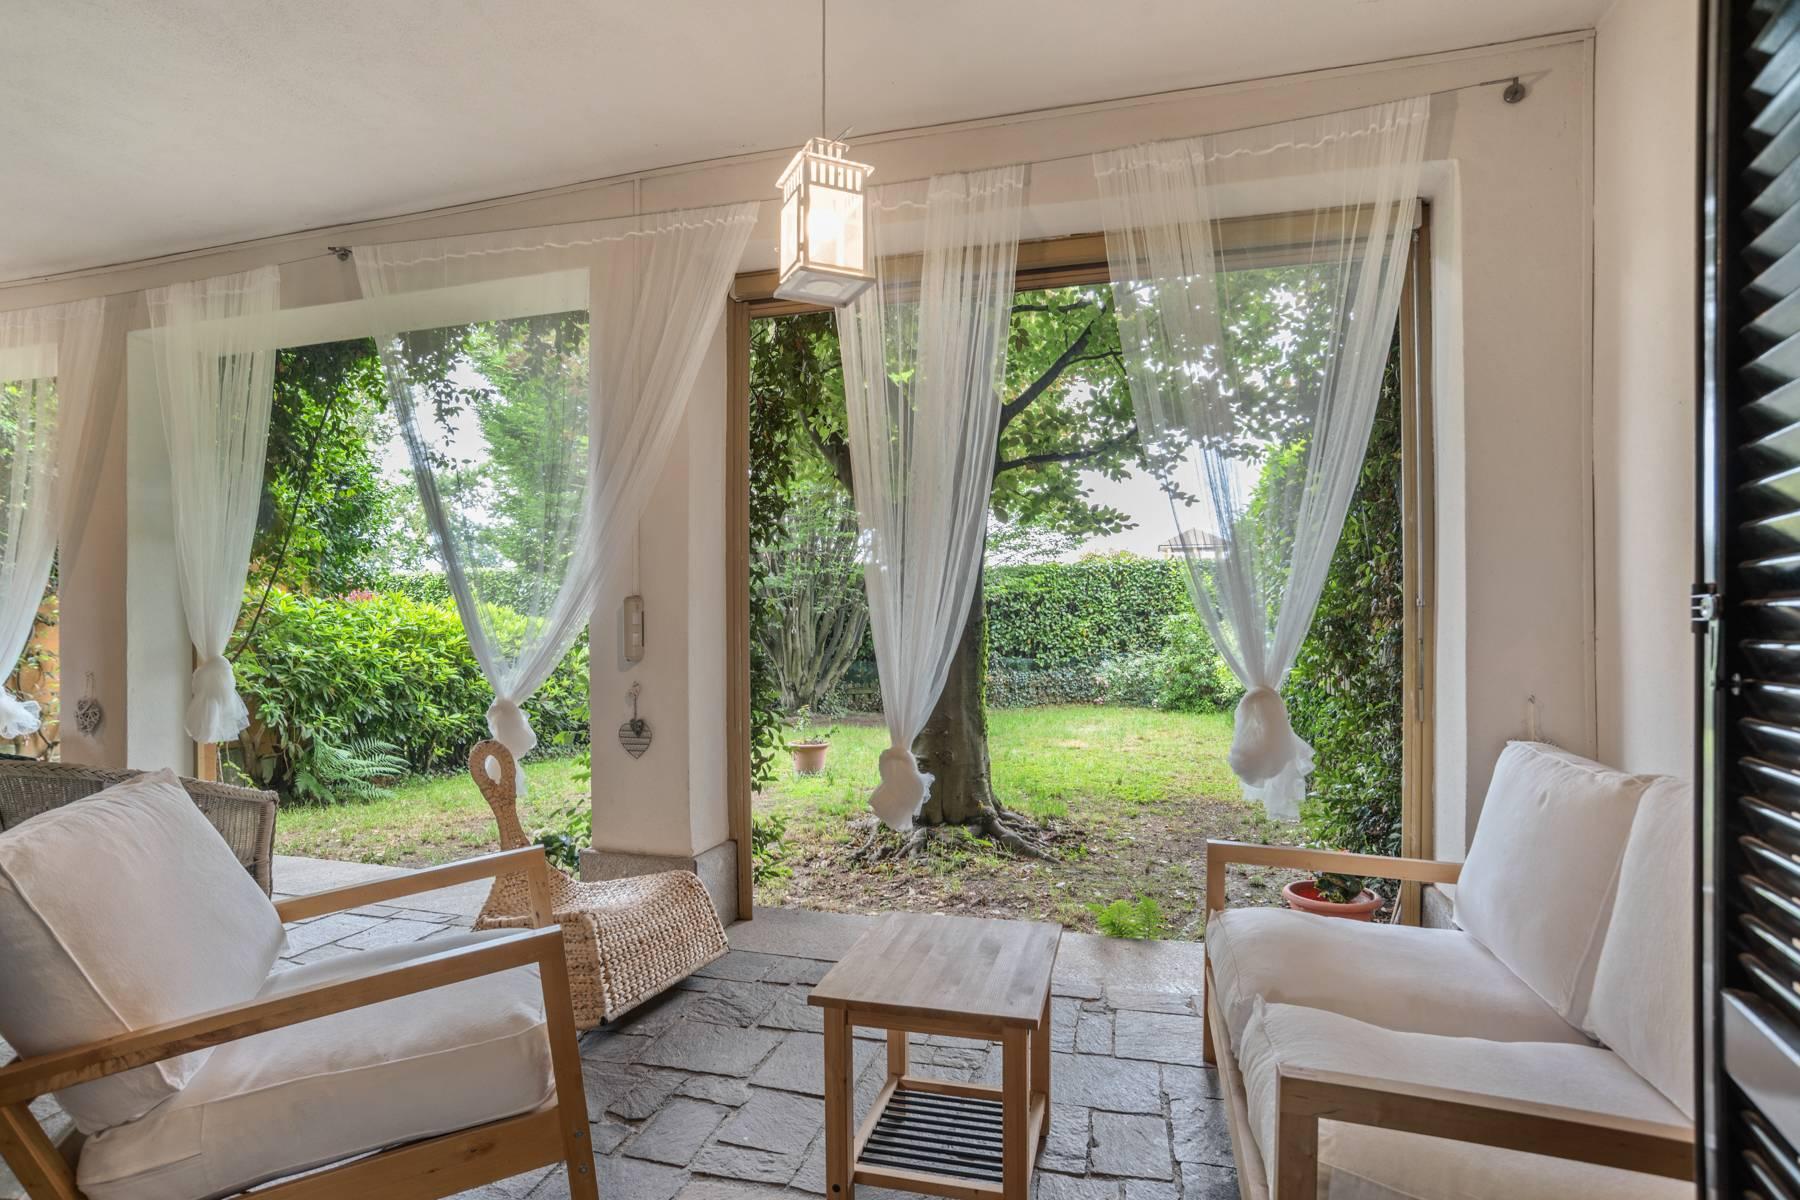 Villa in Vendita a Agrate Conturbia via castelconturbia